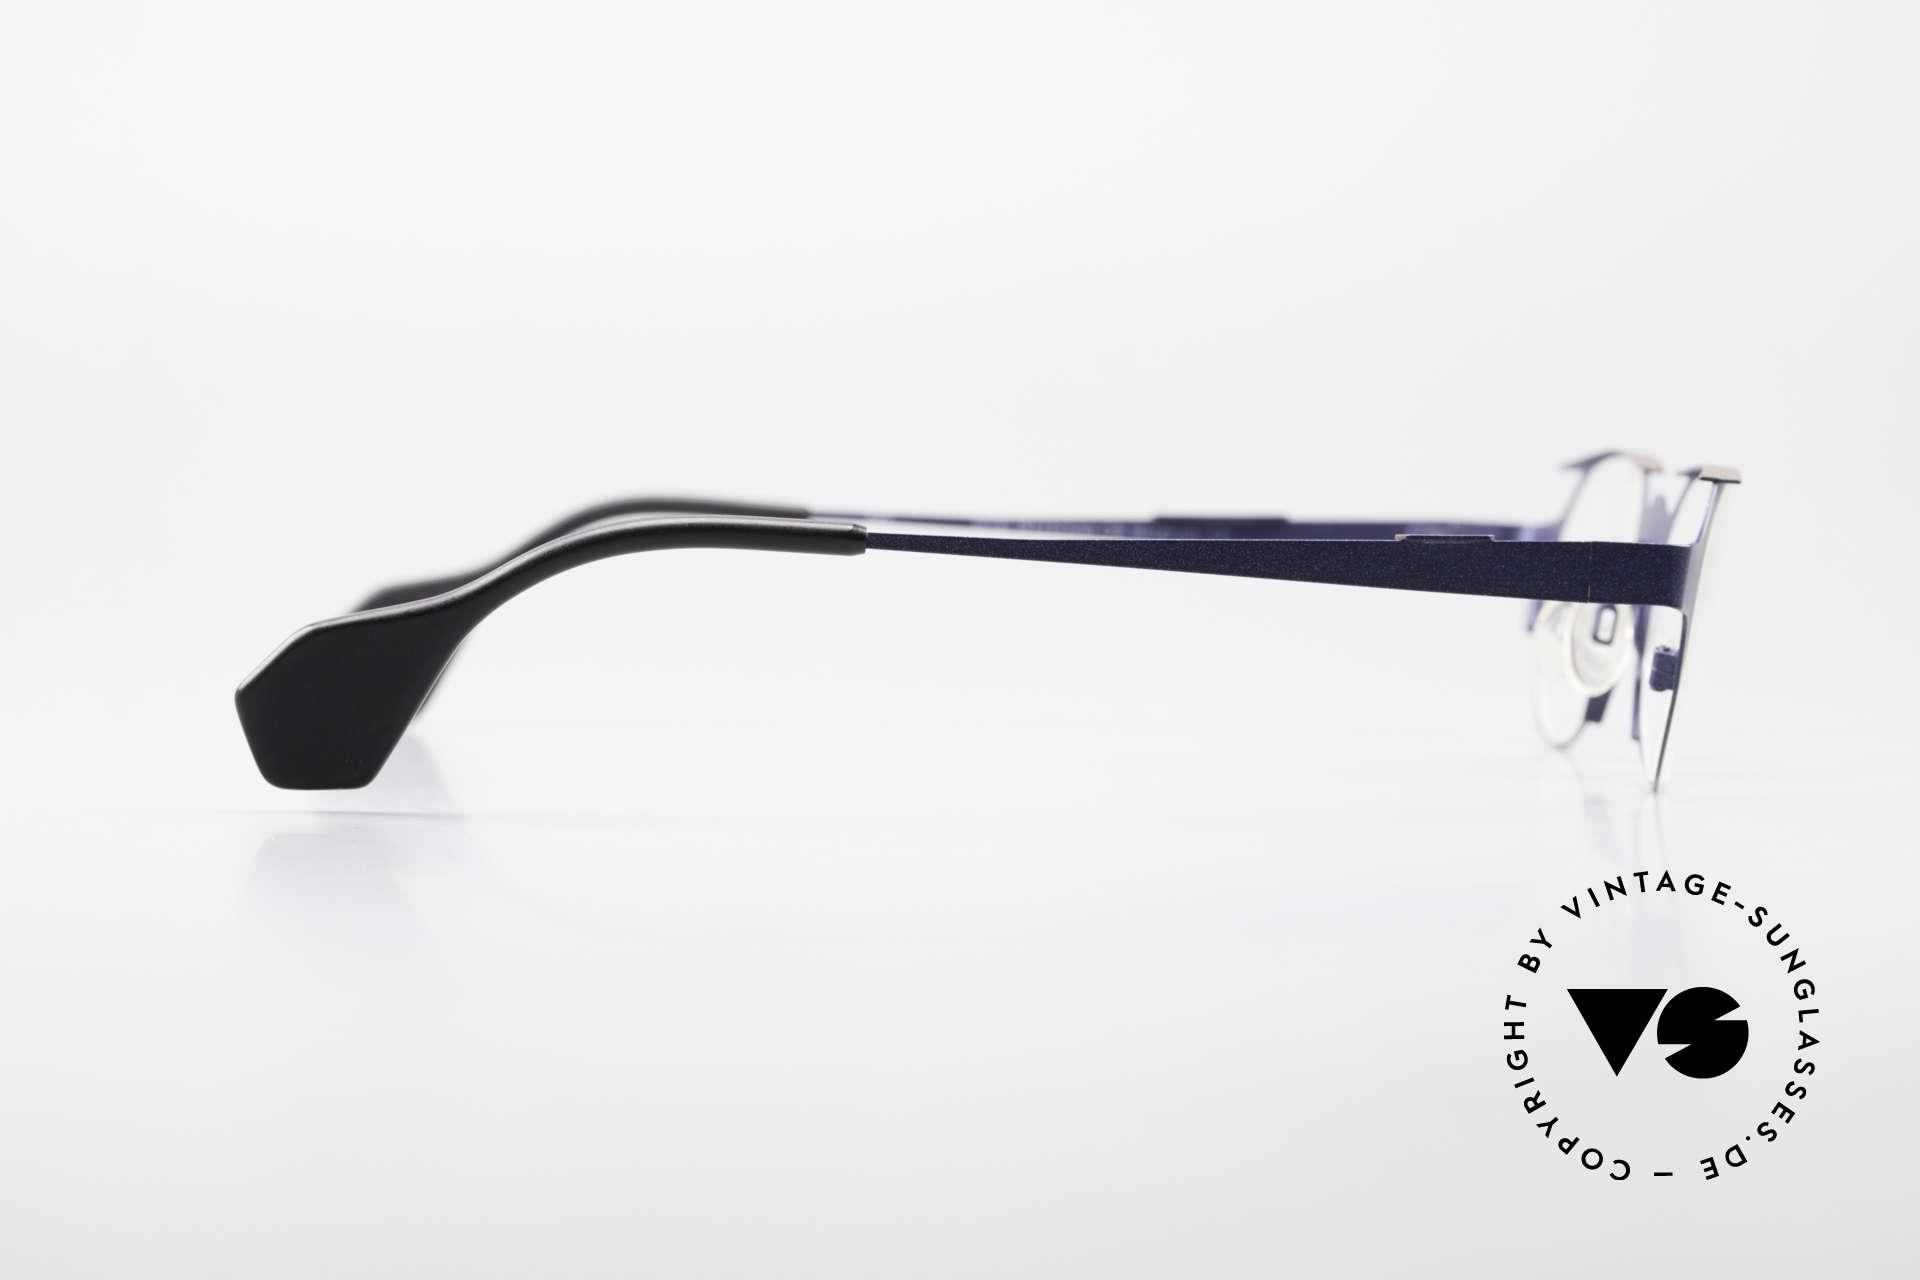 Theo Belgium Eye-Witness OB Avantgarde Damenbrille 90er, orig. DEMOgläser können durch optische ersetzt werden, Passend für Damen